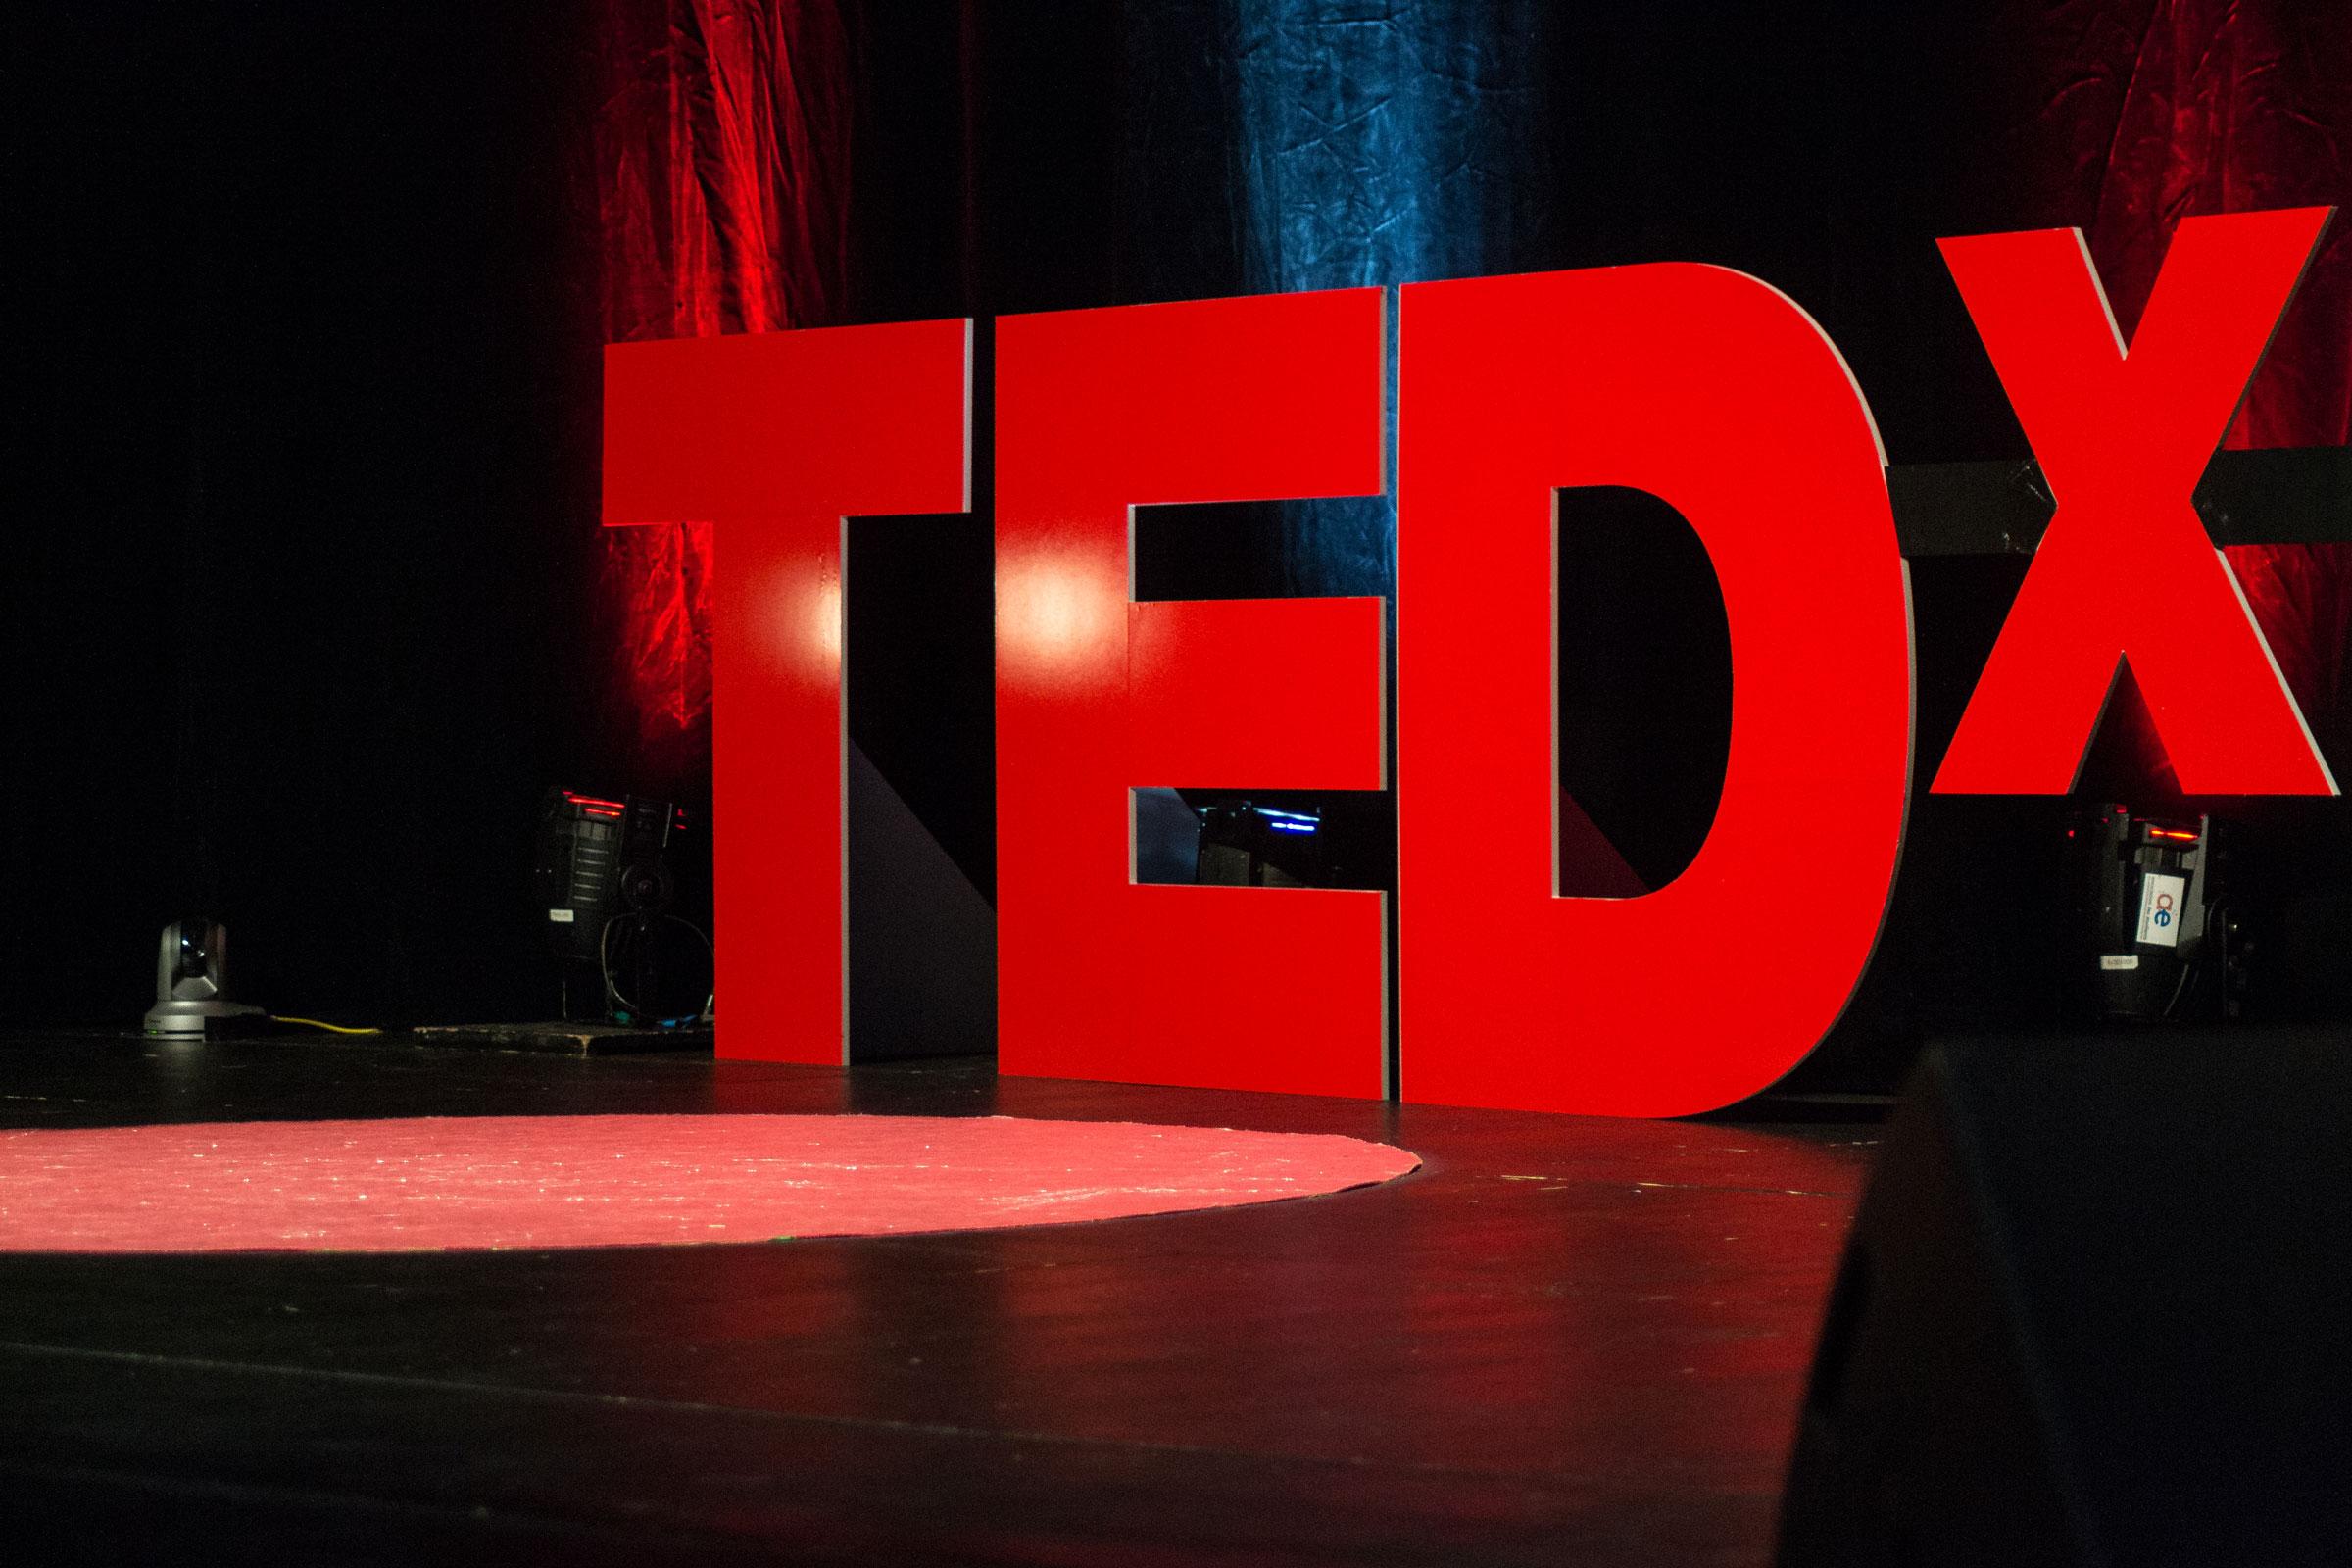 Faltam 7 dias para a primeira edição do TEDx em Natal